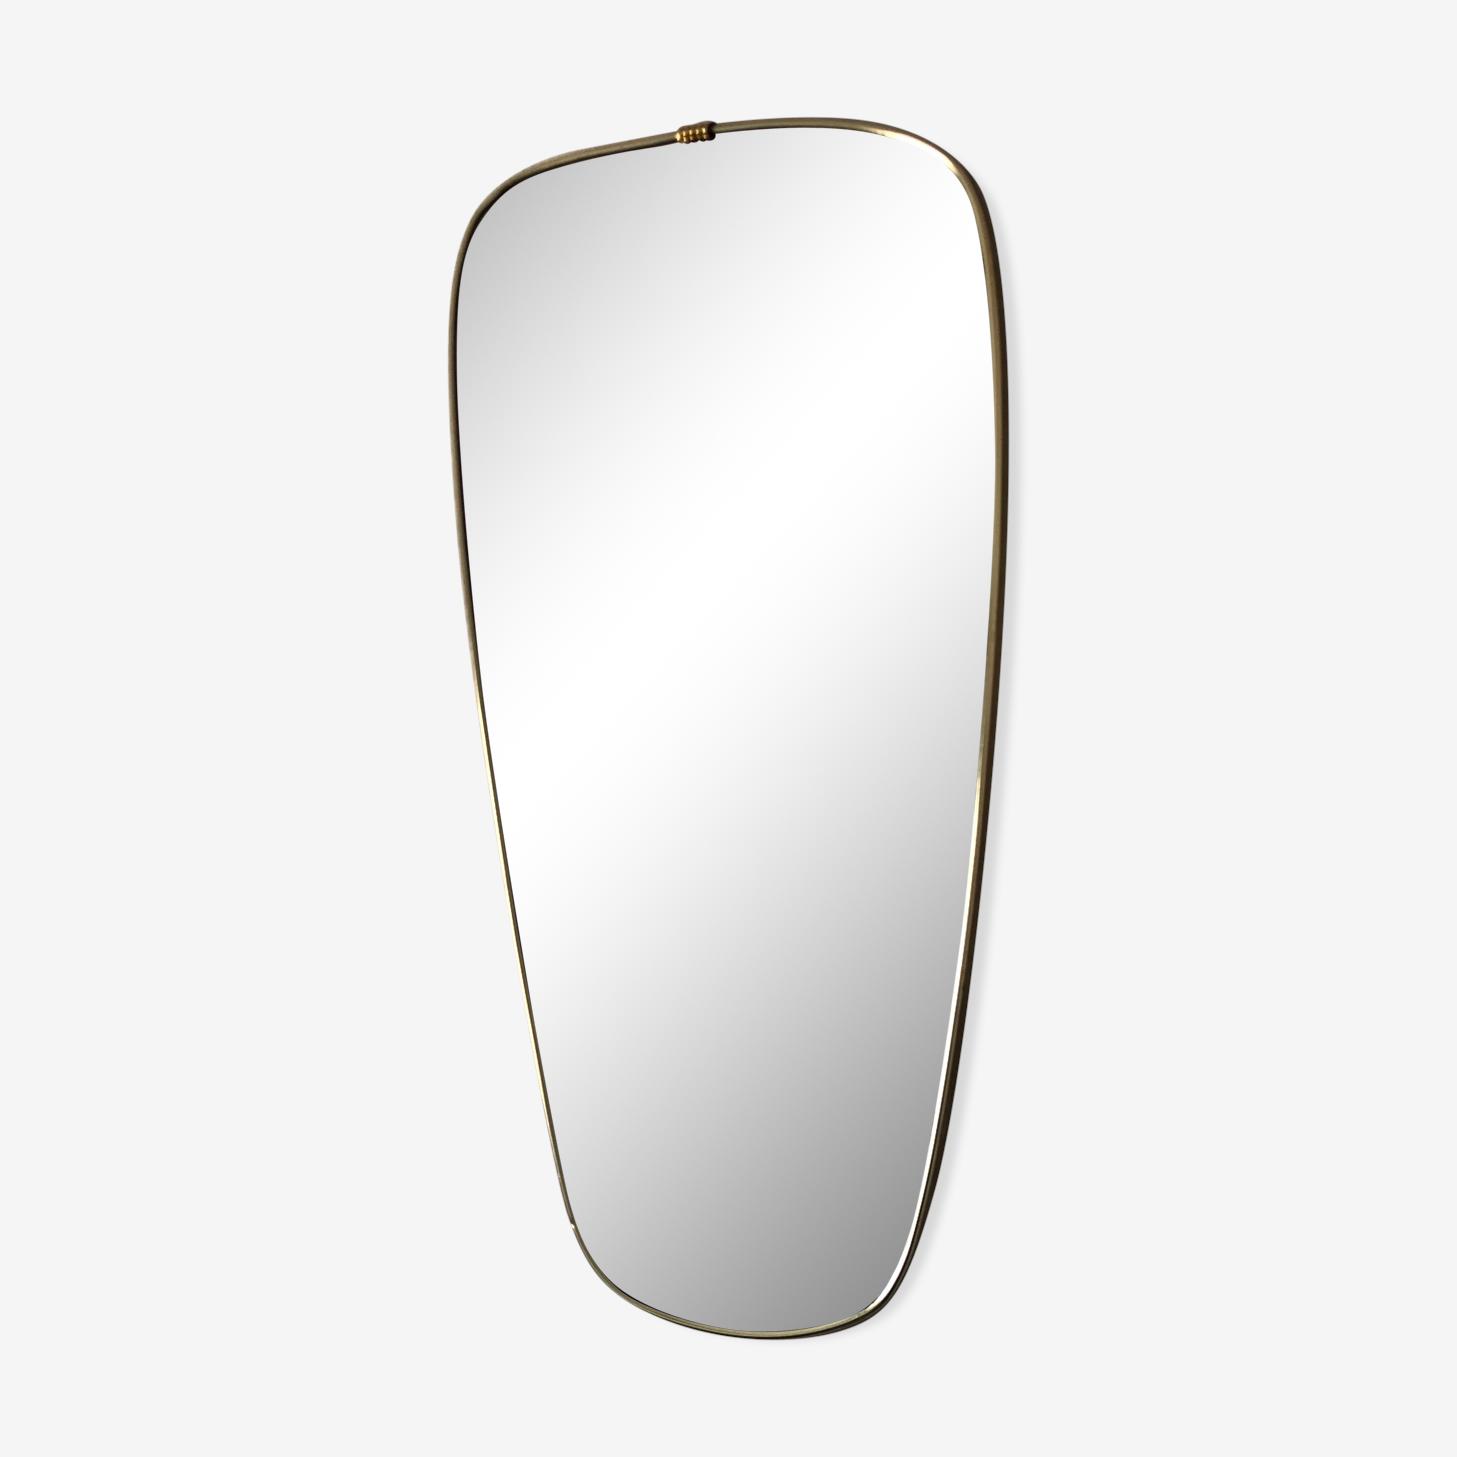 Miroir rétroviseur 60x34cm vintage 1960